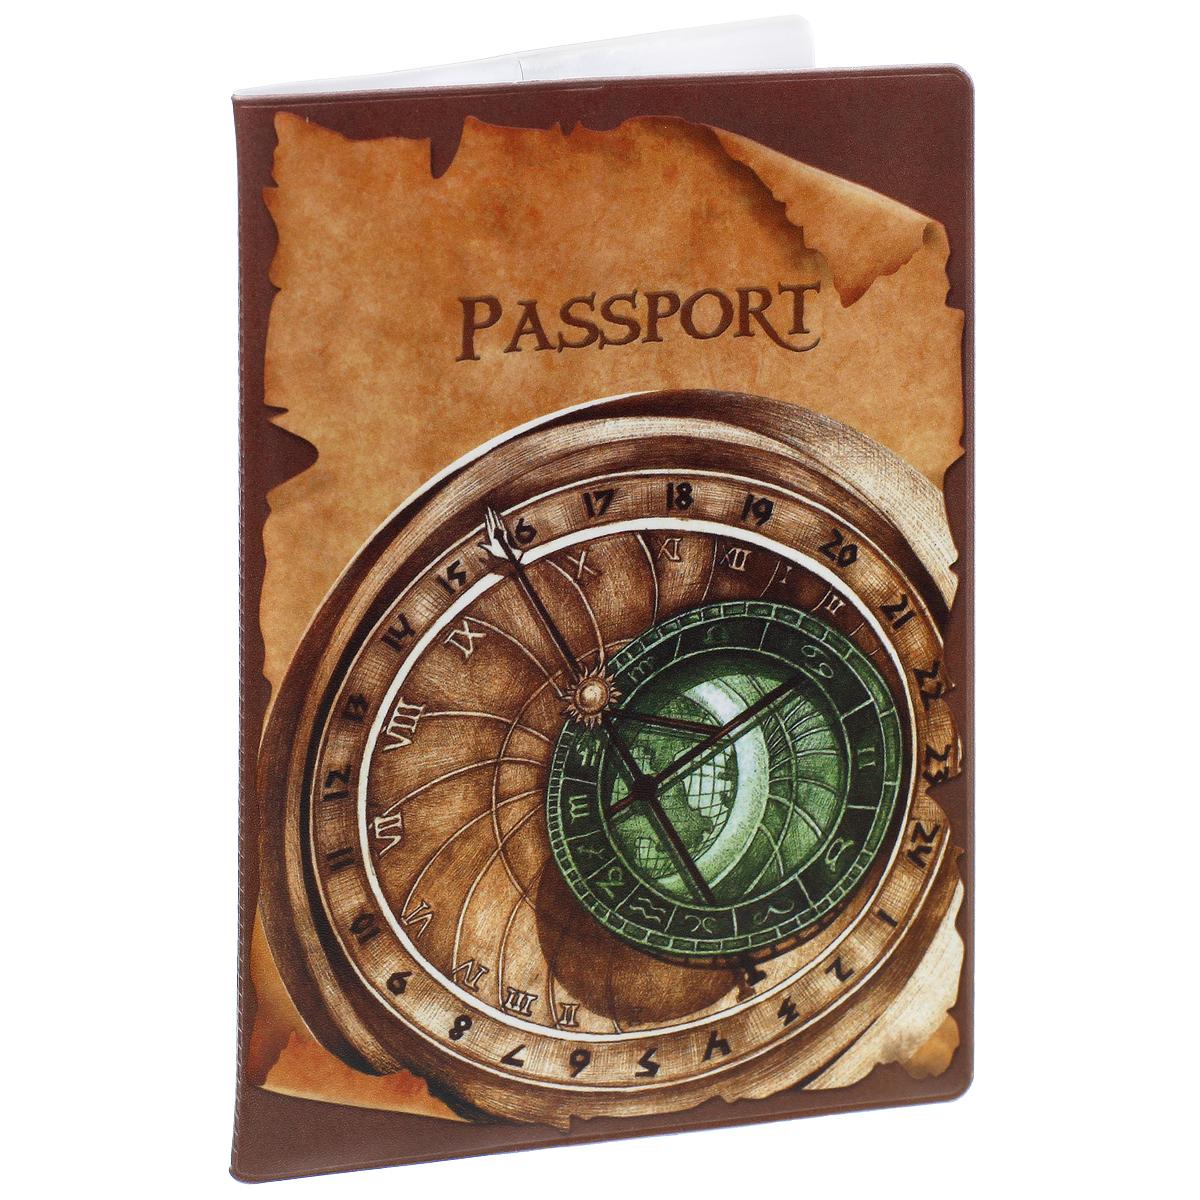 Обложка для паспорта Циферблат, цвет: коричневый, зеленый. 3799237992Обложка для паспорта Циферблат не только поможет сохранить внешний вид ваших документов и защитить их от повреждений, но и станет стильным аксессуаром, идеально подходящим вашему образу. Обложка выполнена из поливинилхлорида и оформлена оригинальным изображением циферблата. Внутри имеет два вертикальных кармана из прозрачного пластика. Такая обложка поможет вам подчеркнуть свою индивидуальность и неповторимость!